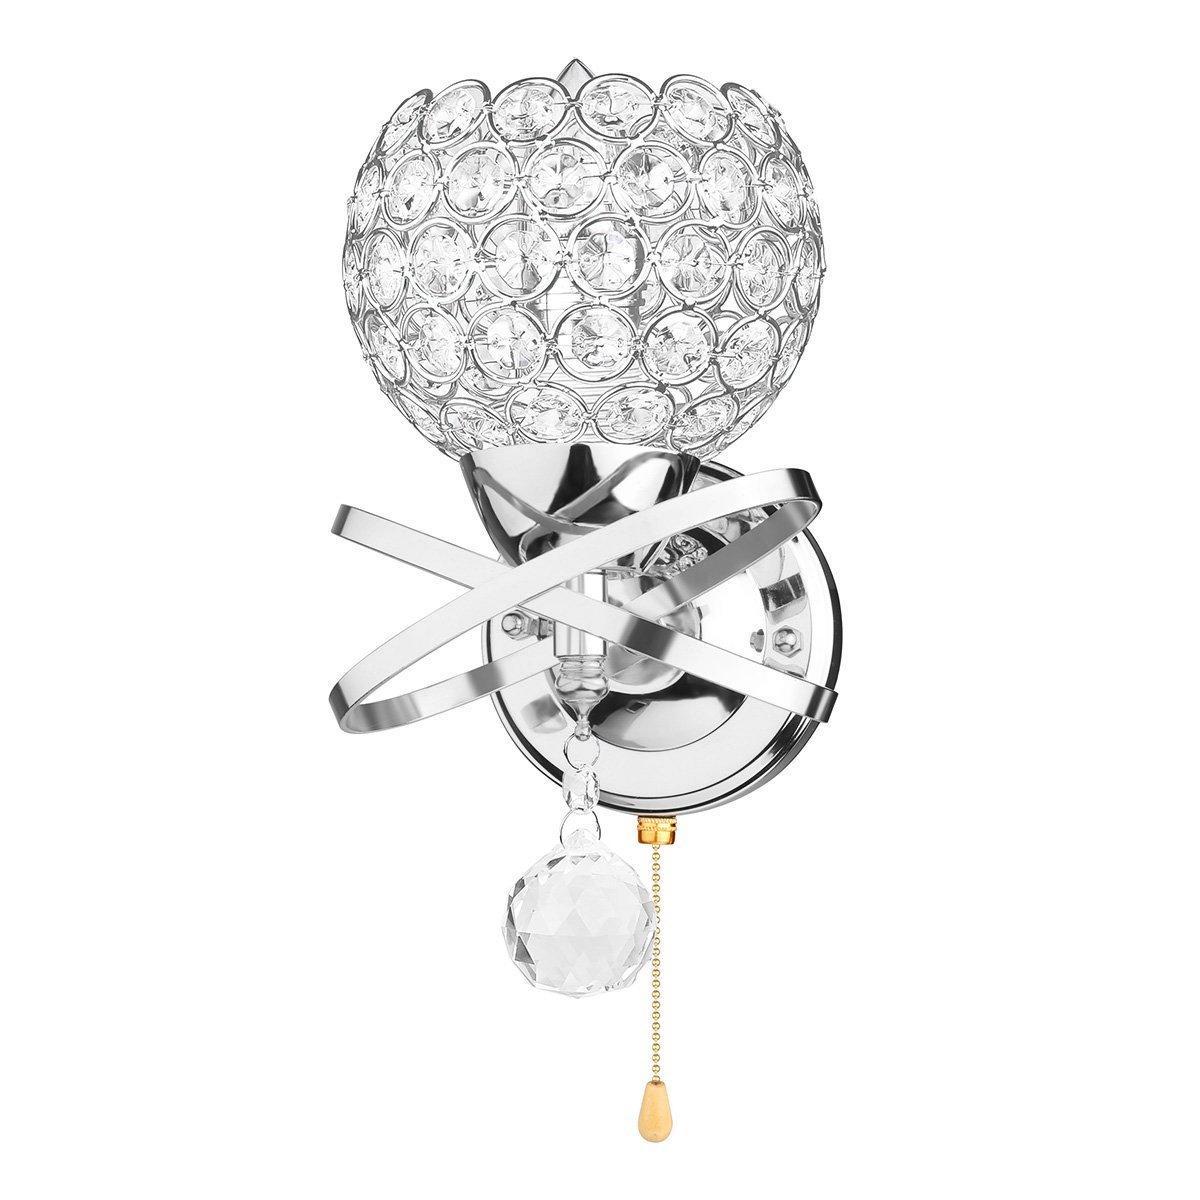 Lámpara de pared cristalina clásica de la pared de la vendimia Lámpara de pared cristalina de la pared de la plata / del oro 110V Lámpara de pared de 220V con el interruptor de tirón Accesorio de iluminación